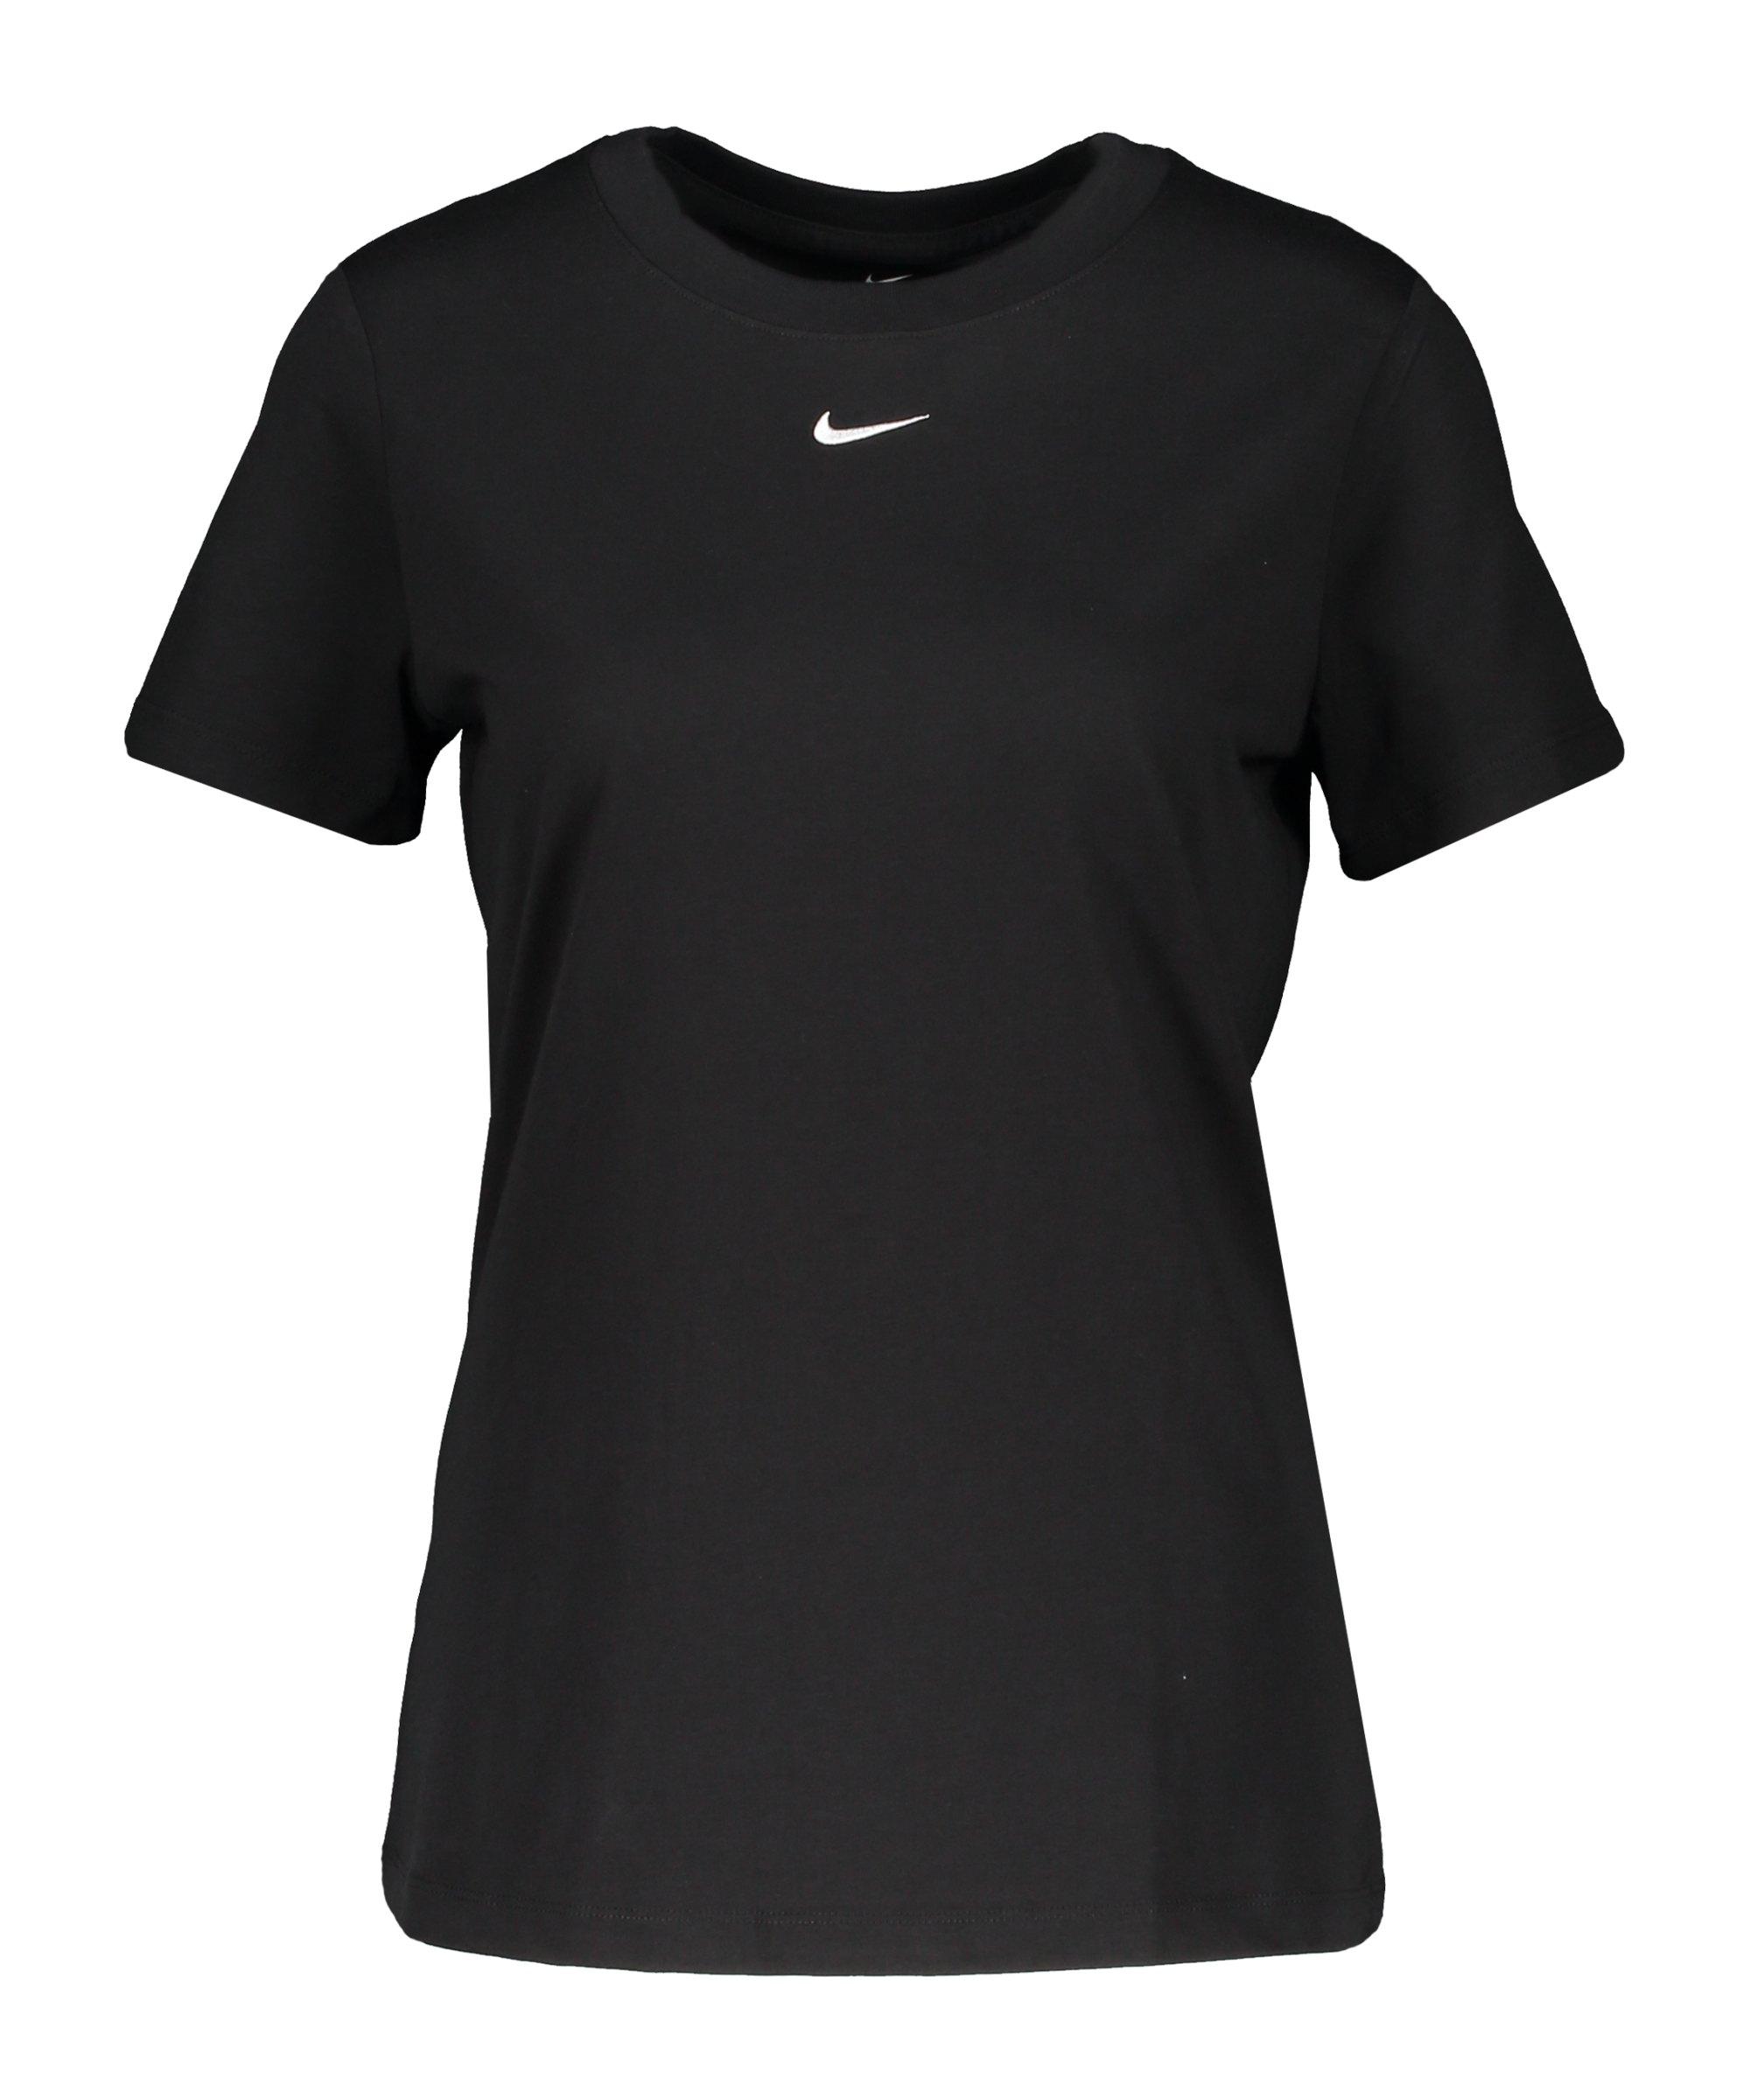 Nike Essentials T-Shirt Damen Schwarz F011 - schwarz